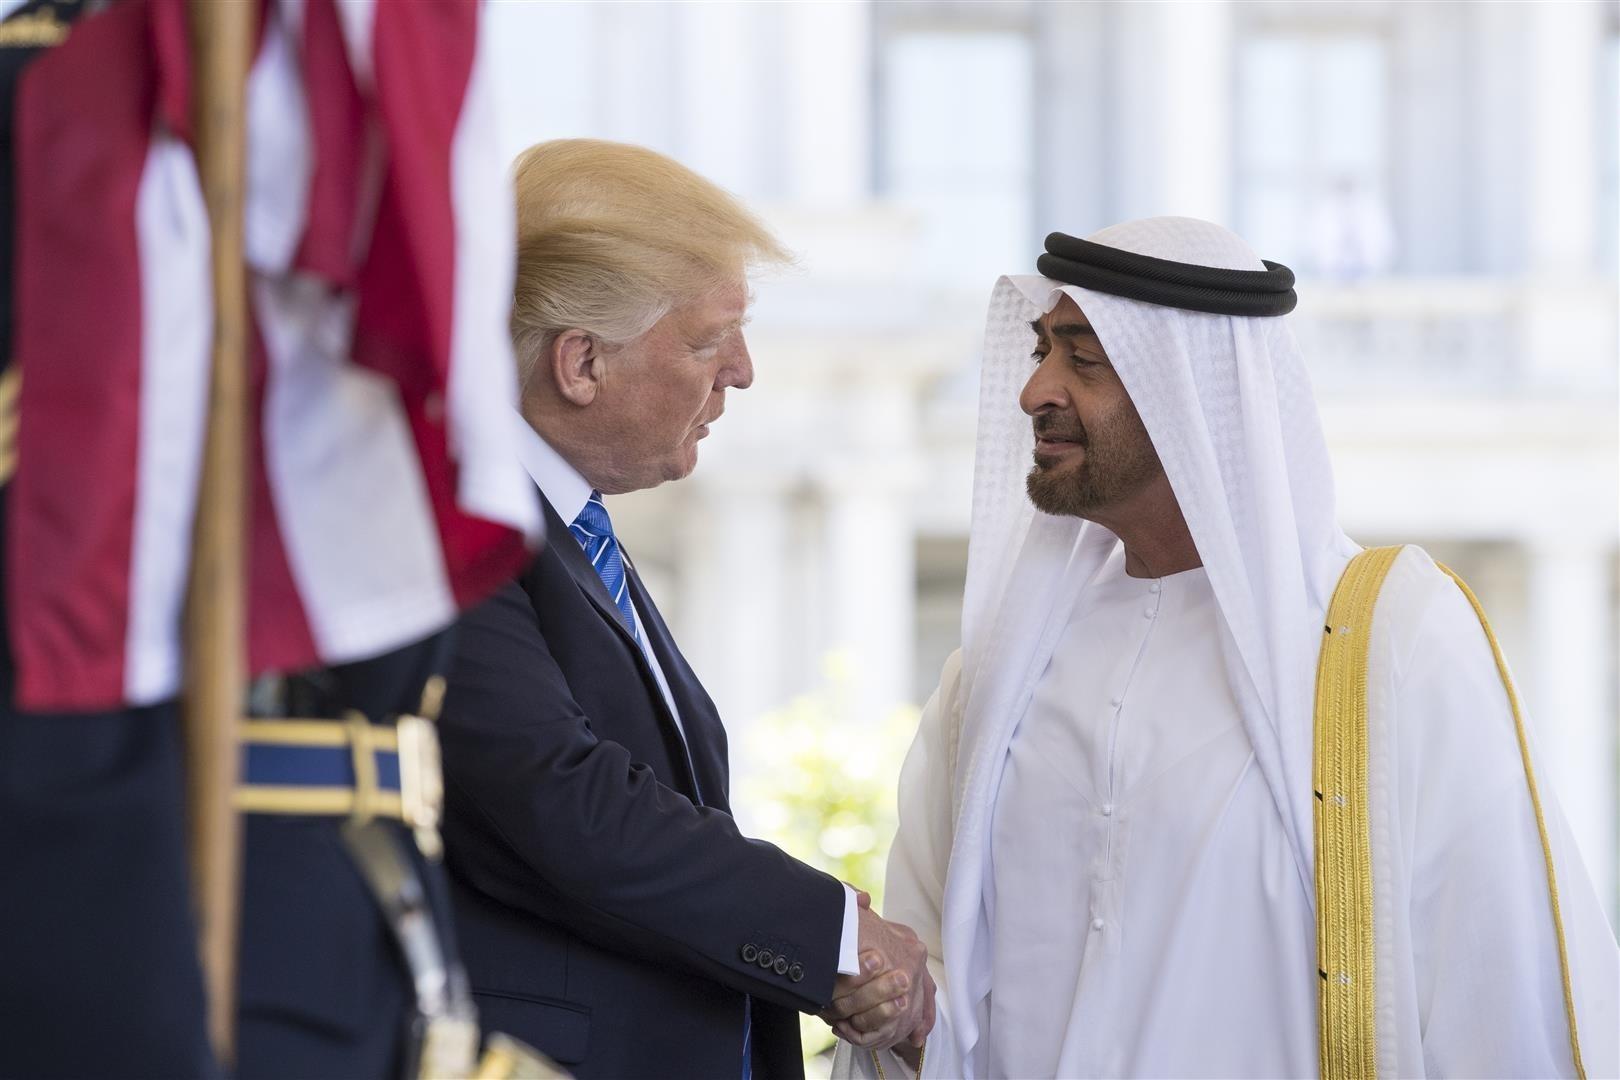 صحيفة أمريكية تدعو ترامب للضغط على الإمارات في الملف السوداني